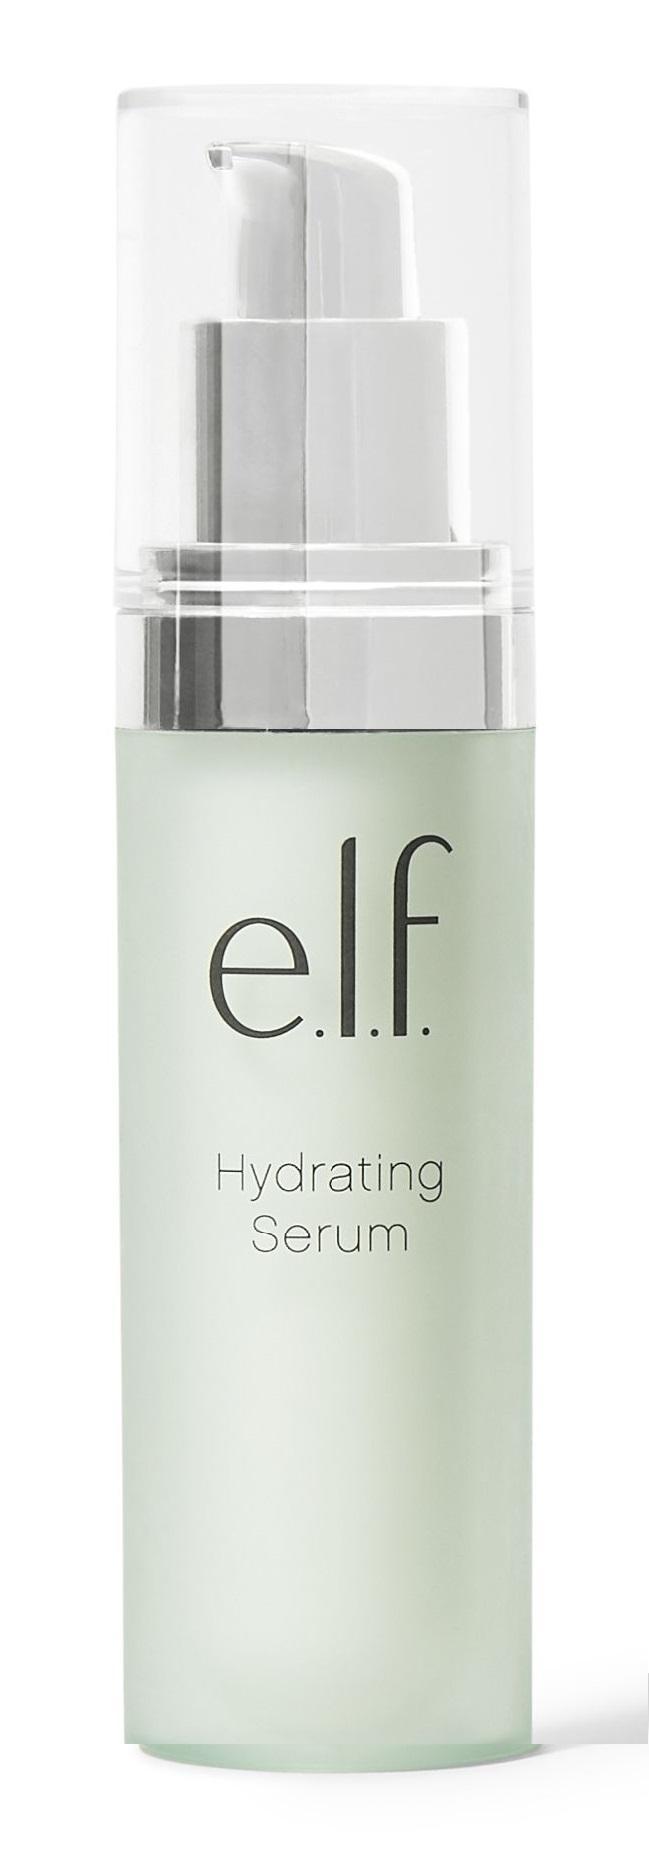 e.l.f Hydrating Serum